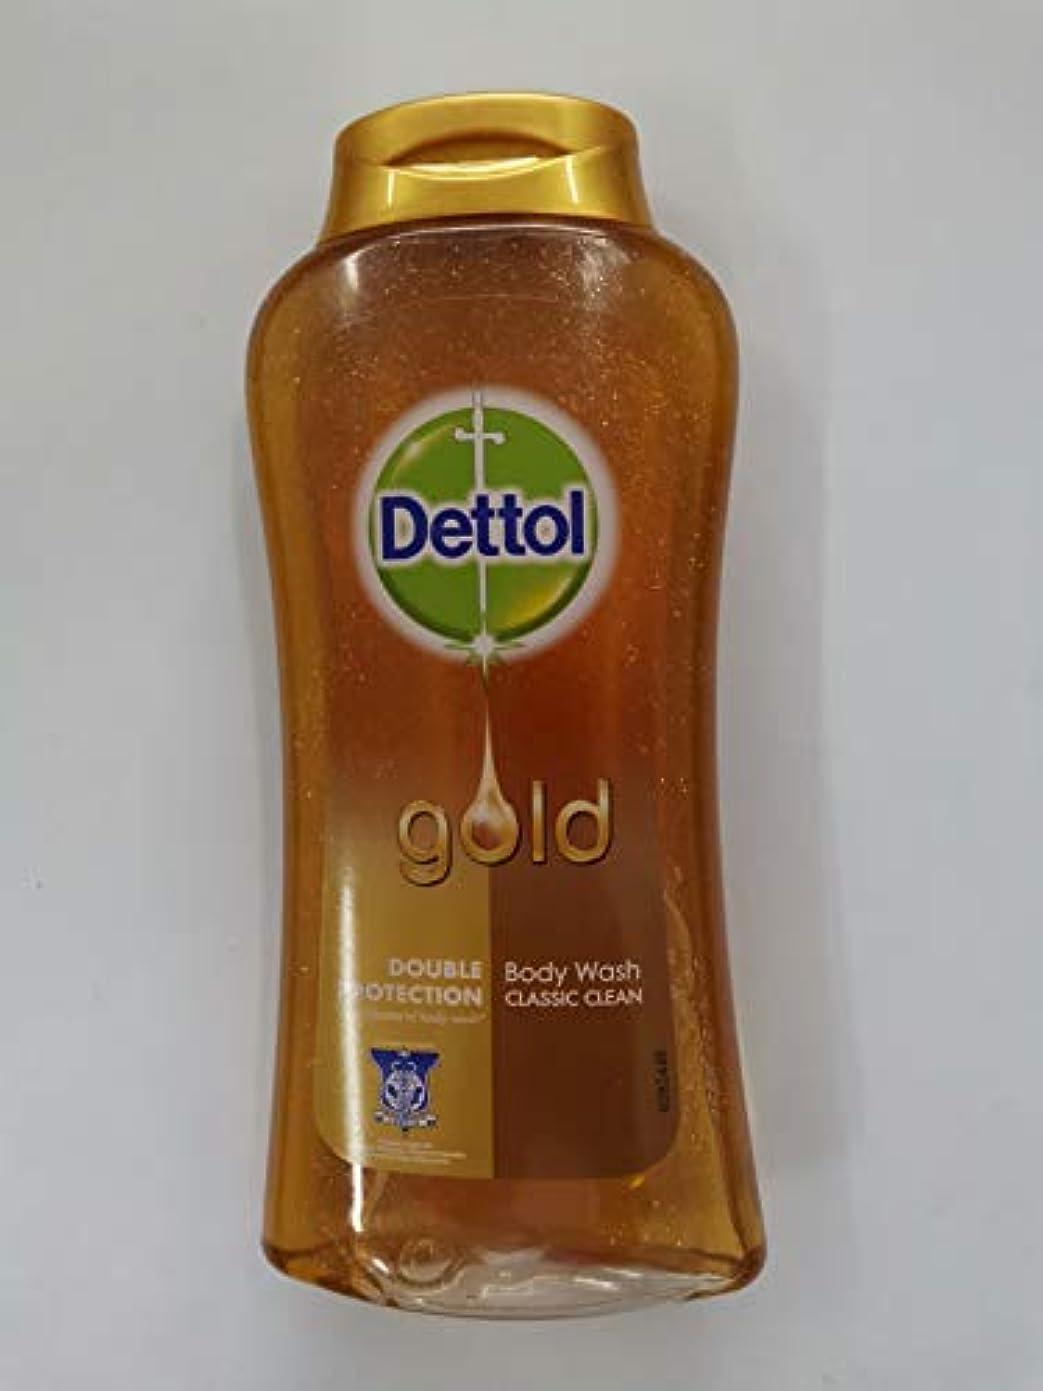 蛇行テレビルーキーDettol クラシッククリーンボディローション250ミリリットル - 細菌非食用風呂-kills 99.9% - 毎日の細菌を防ぎます